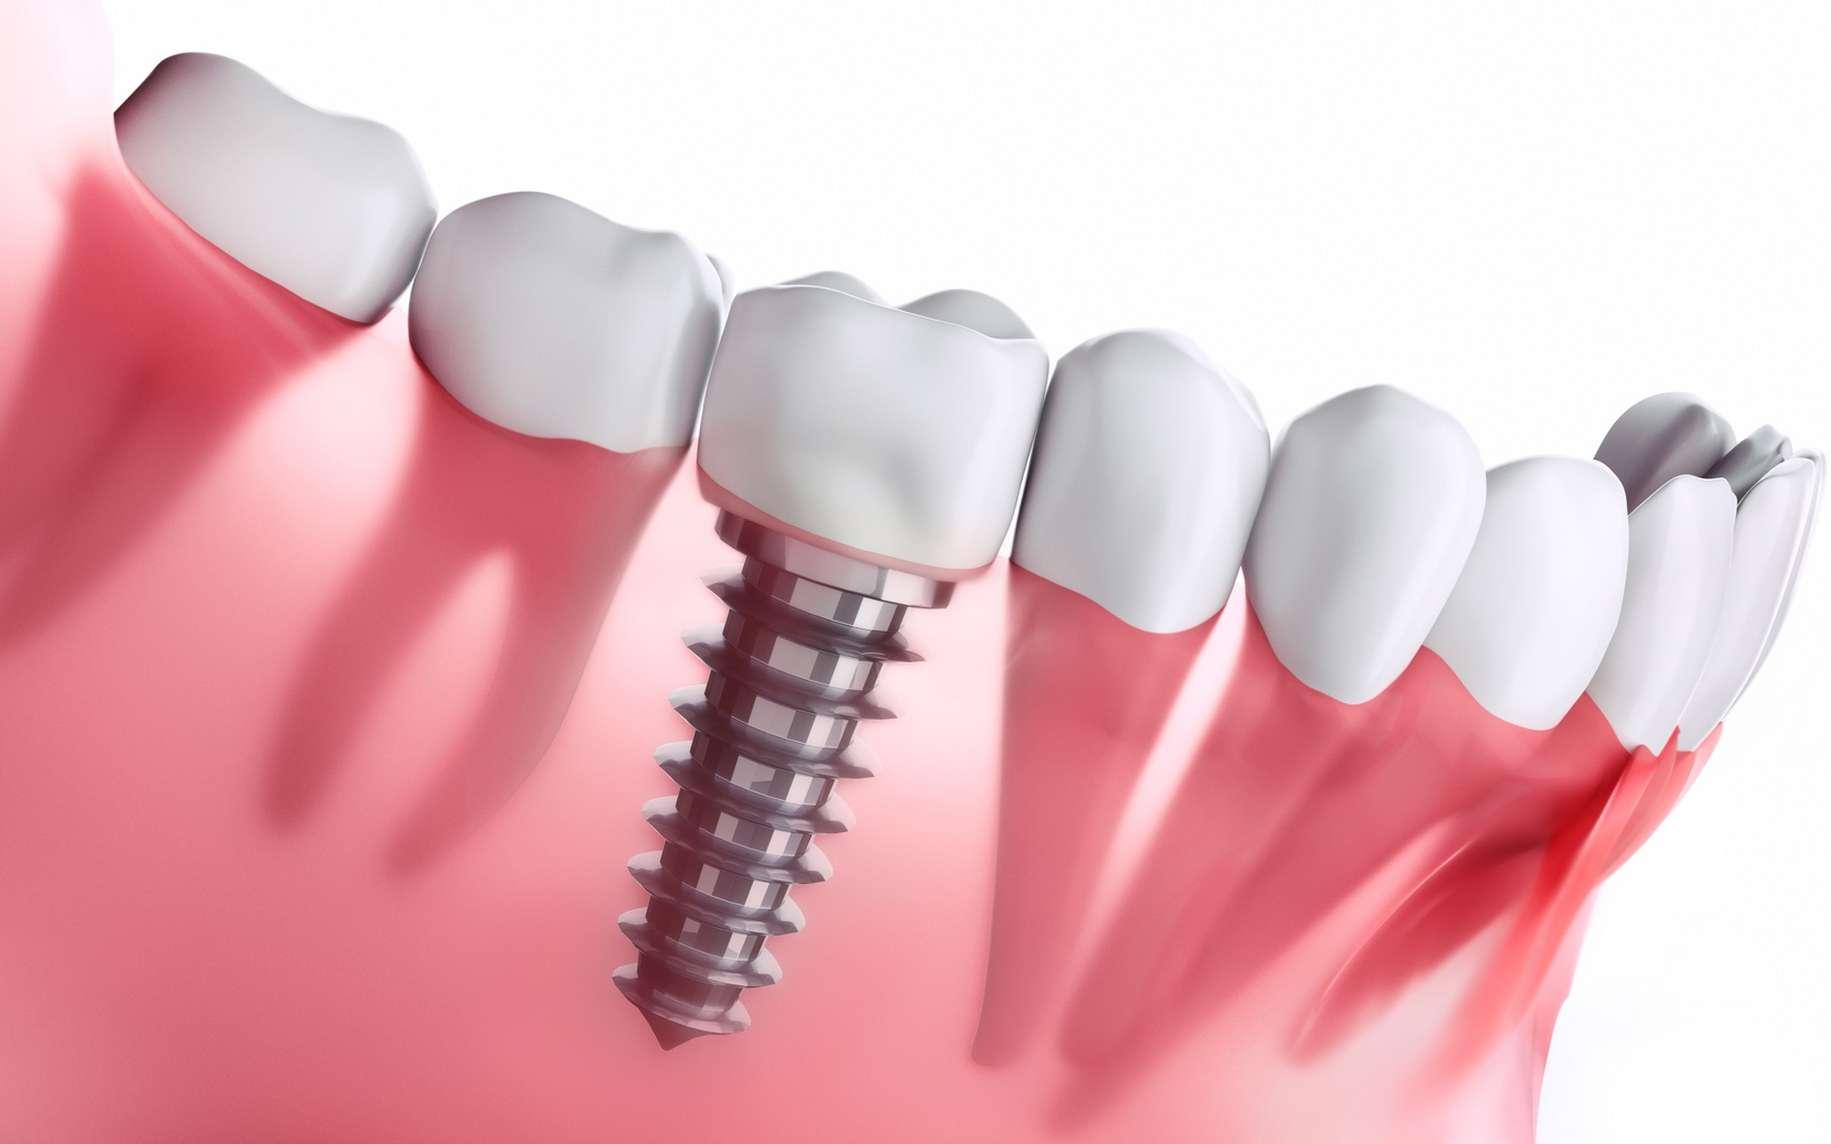 Implant dentaire : Un implant qui remplace la dent ?